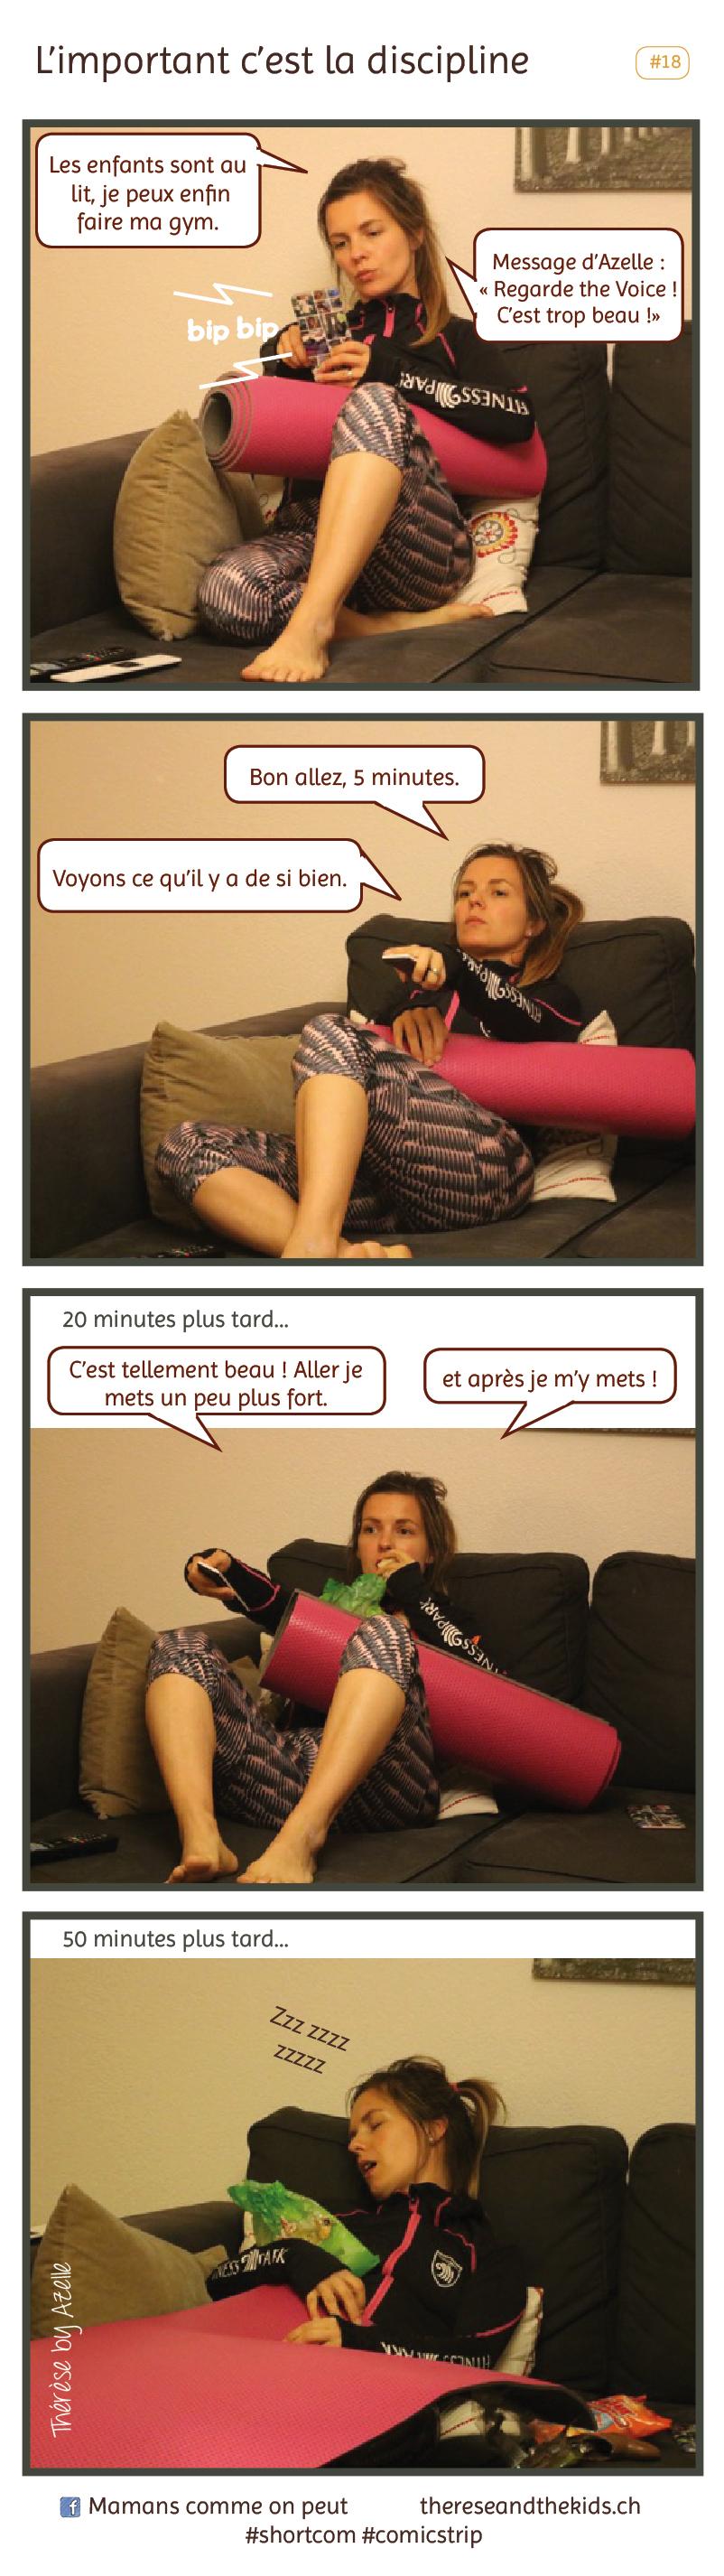 18_La_discipline_comicstrip_mamans_comme_on_peut thereseandthekids